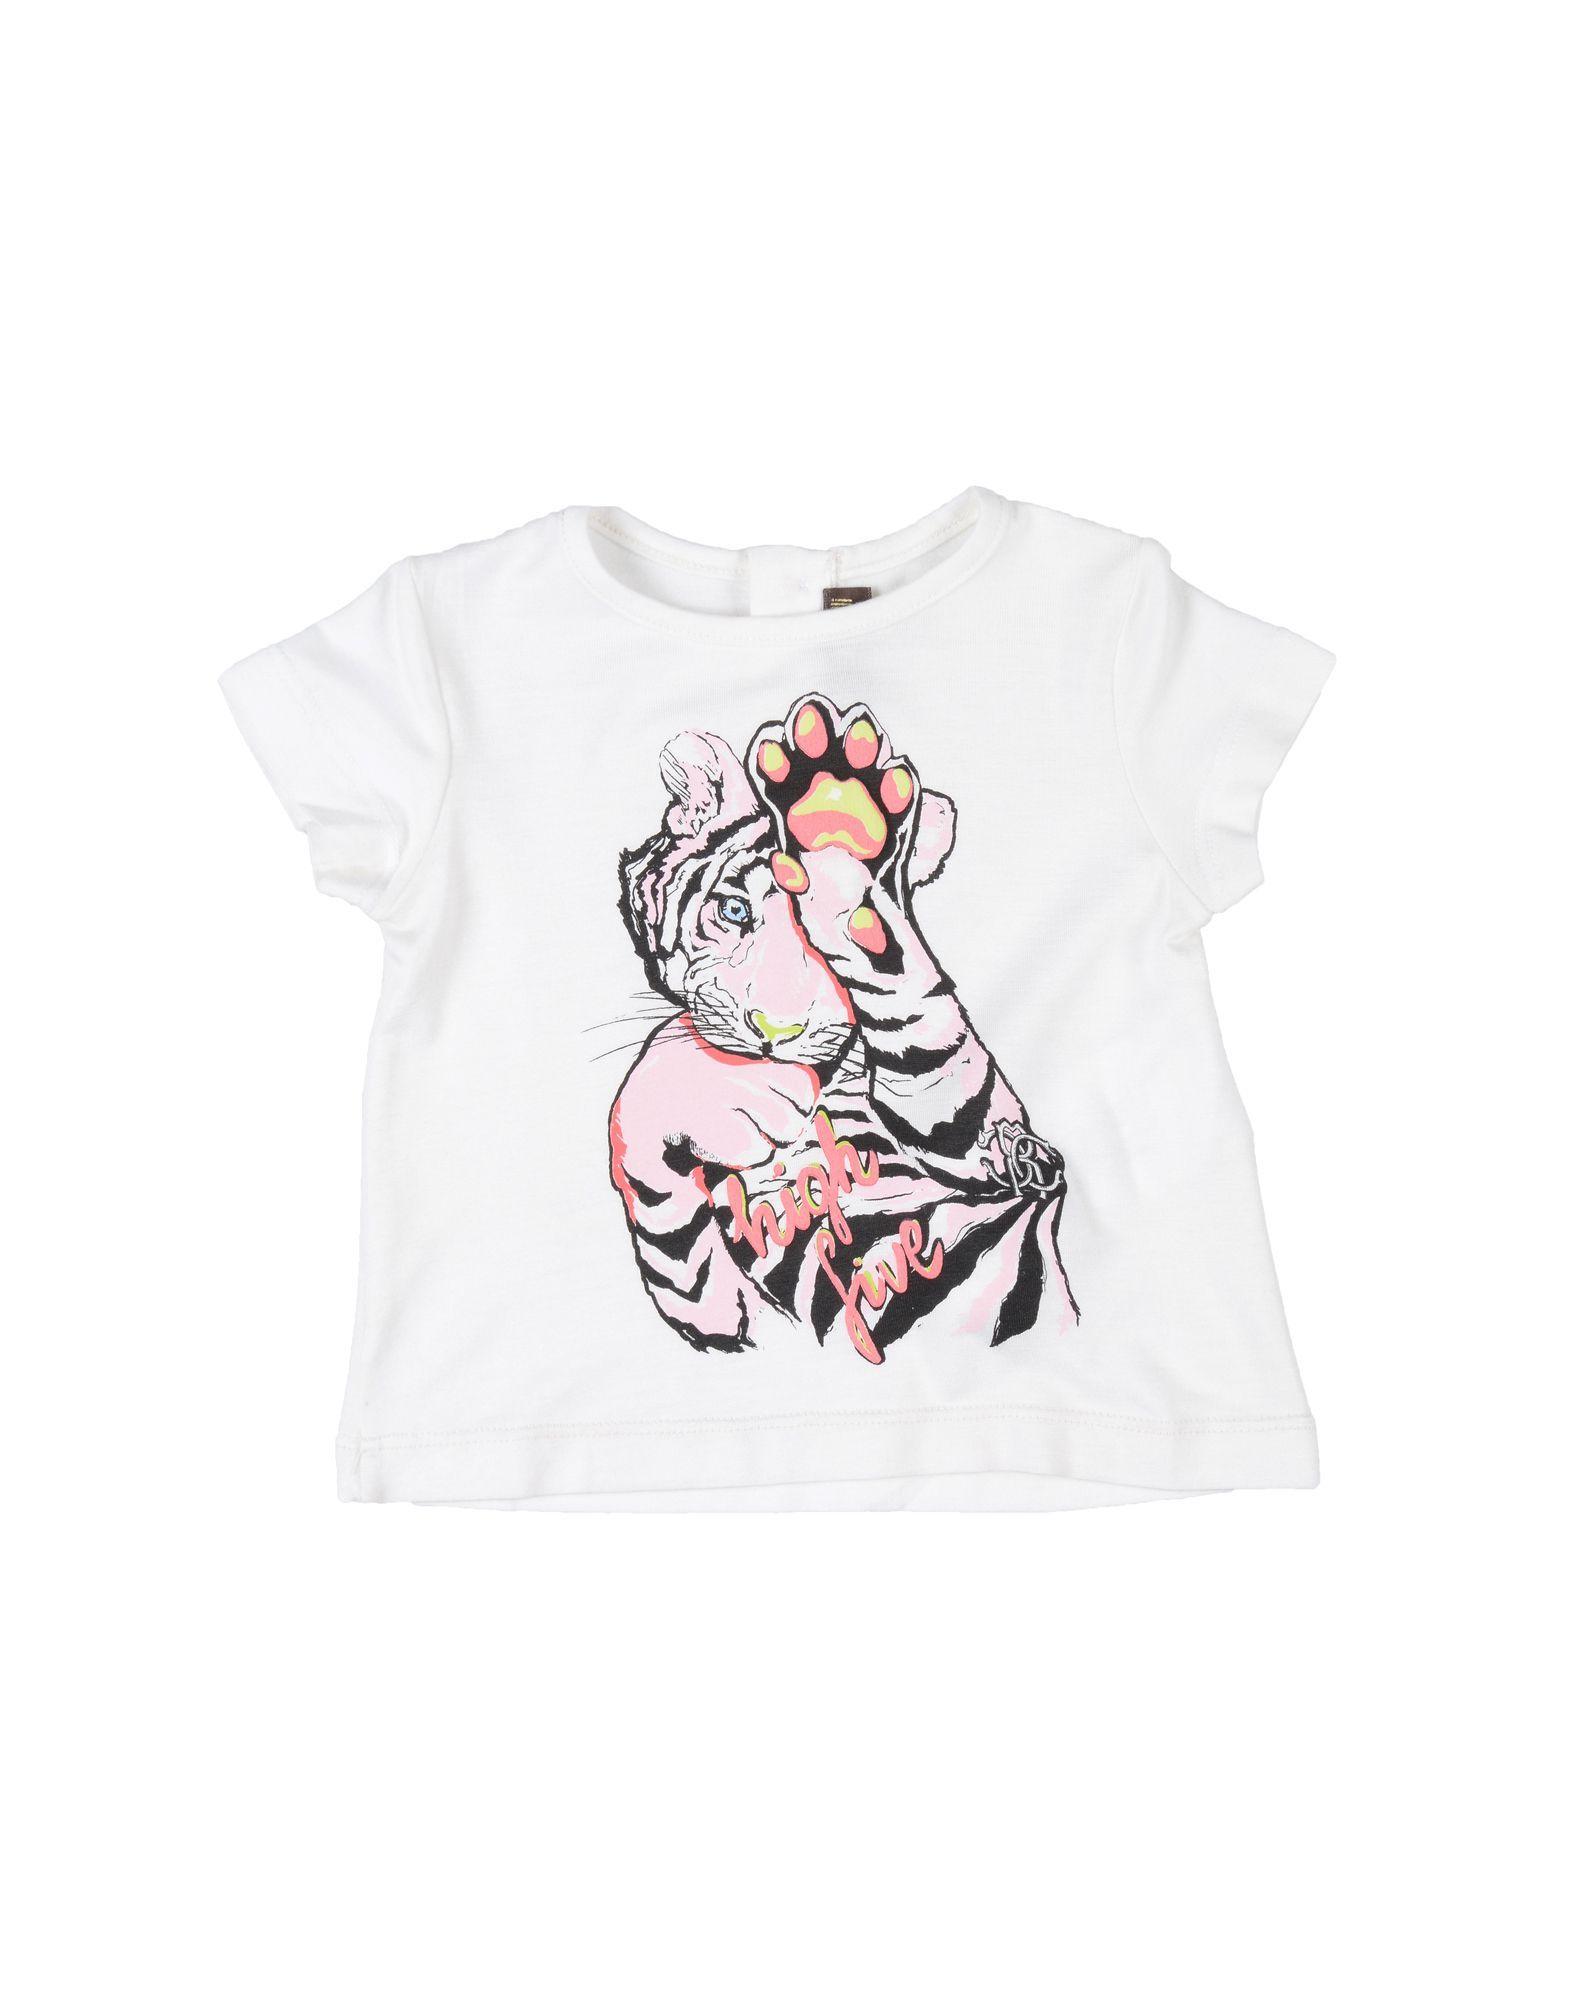 Roberto Cavalli Junior Ivory T-shirt